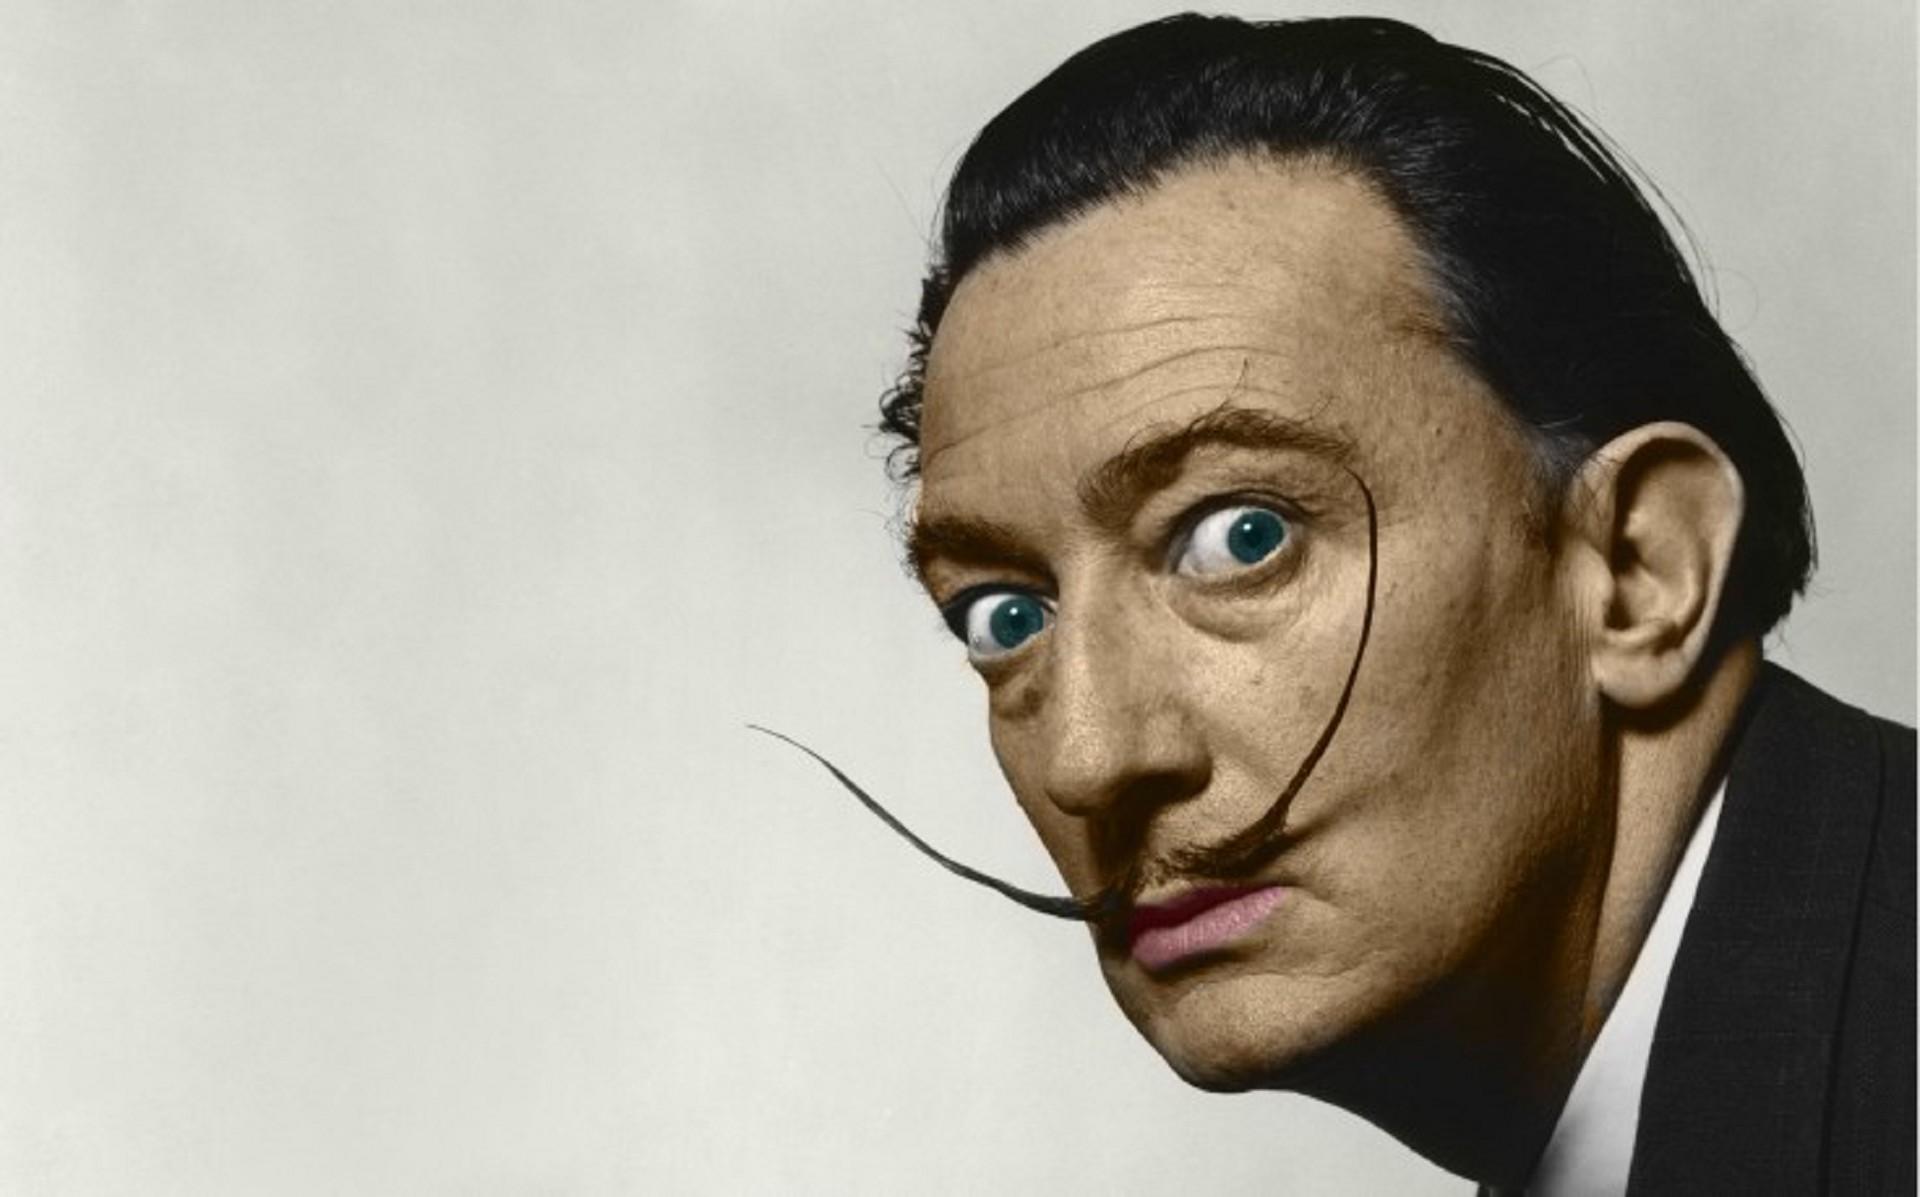 Salvador Dali Wallpapers Free – WallpaperSafari